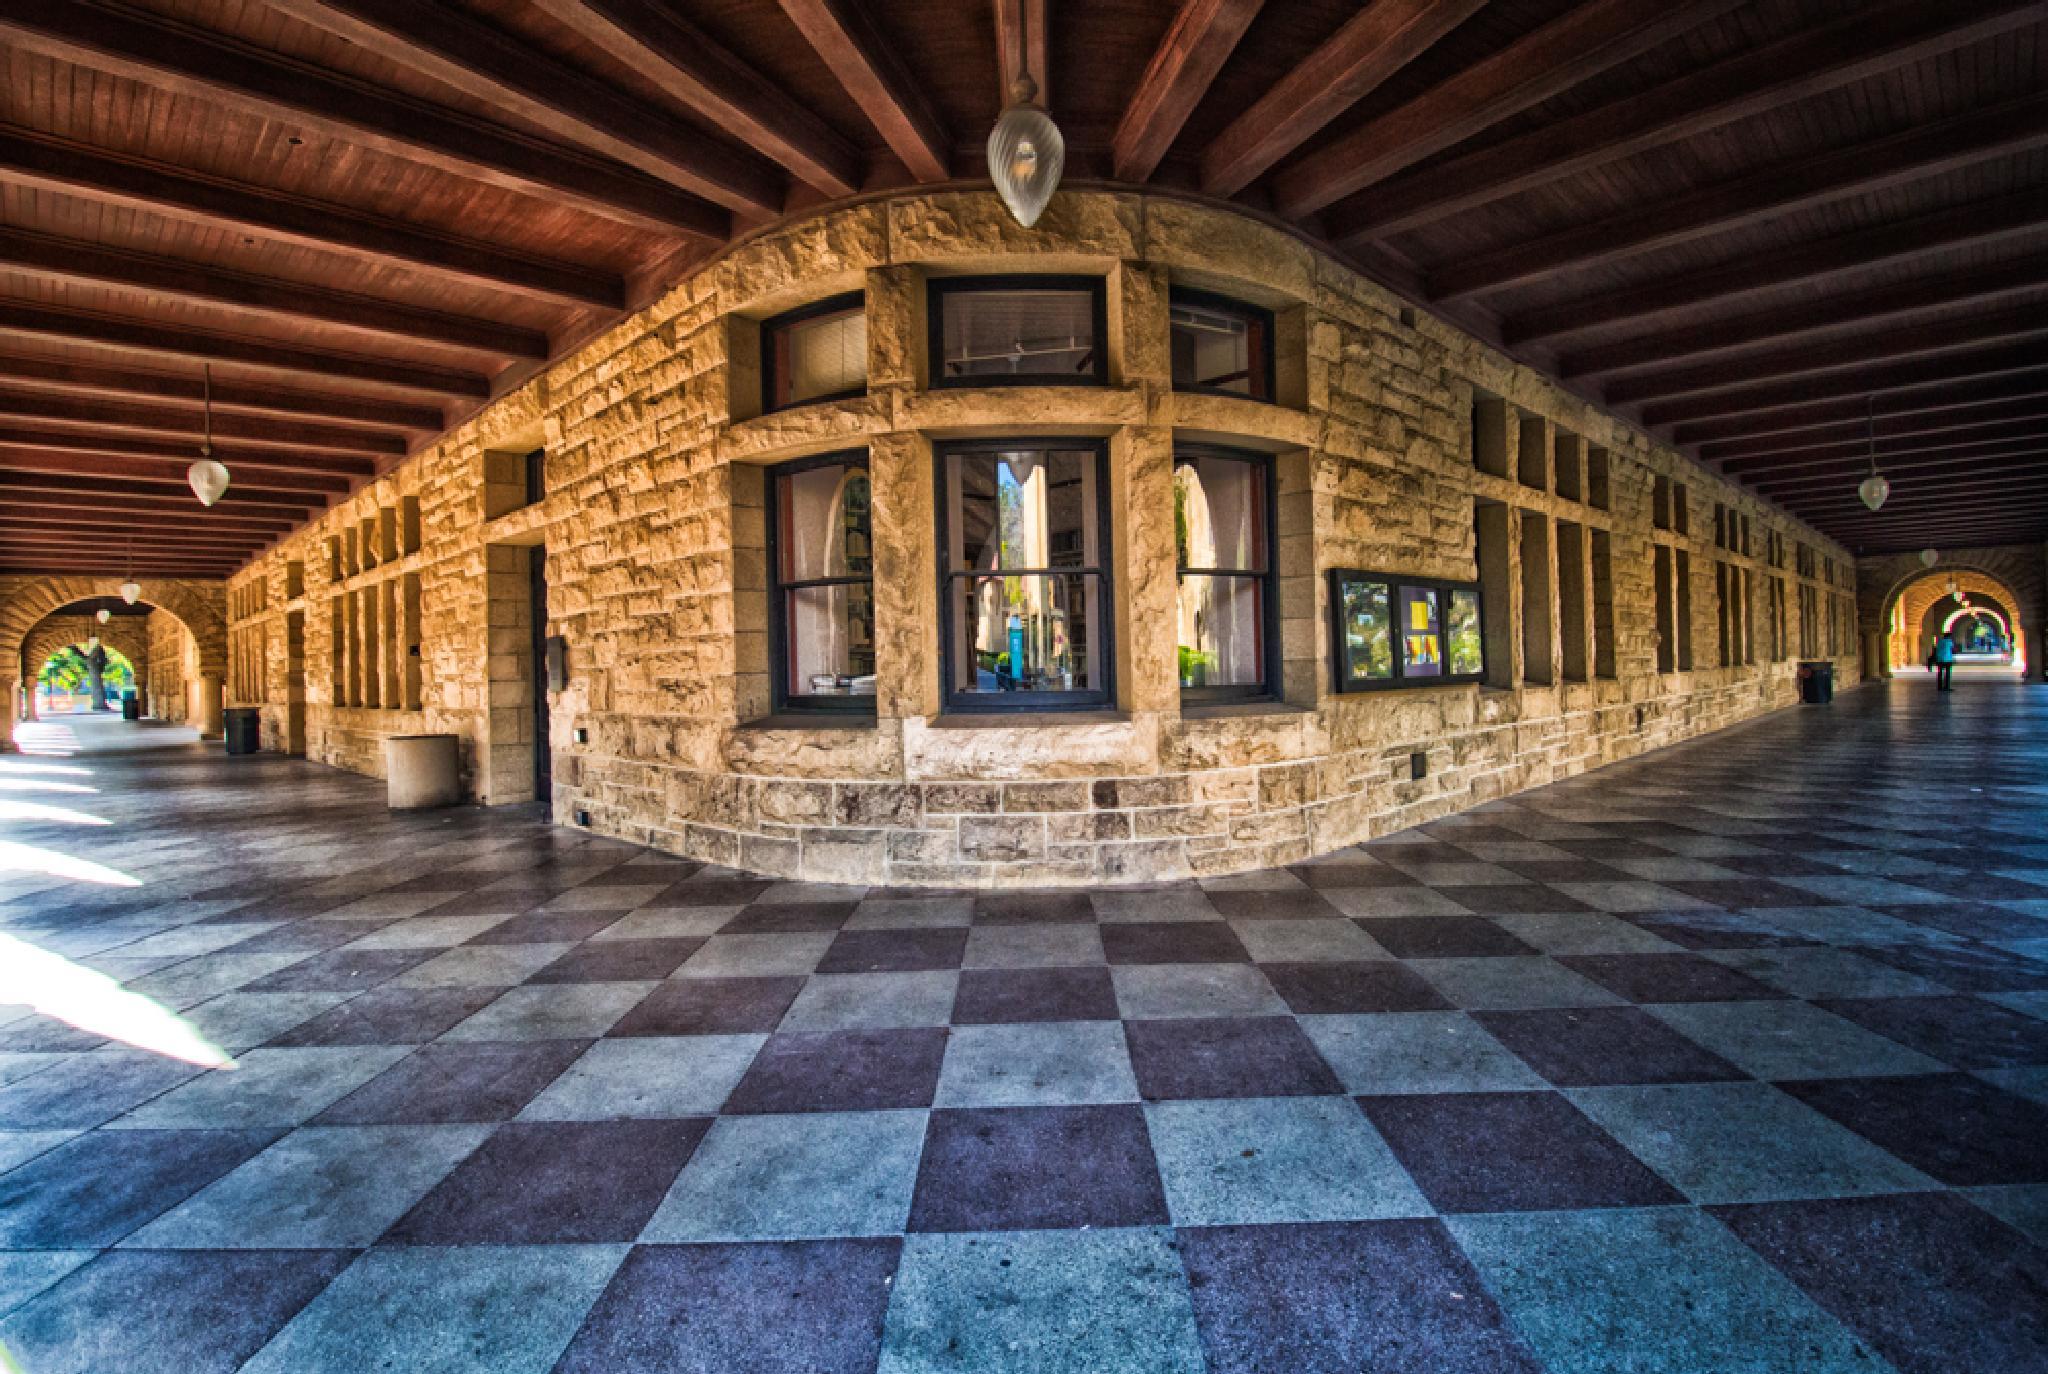 Stanford Research University Library , Palo Alto, CA, USA by Pravin Dwiwedi